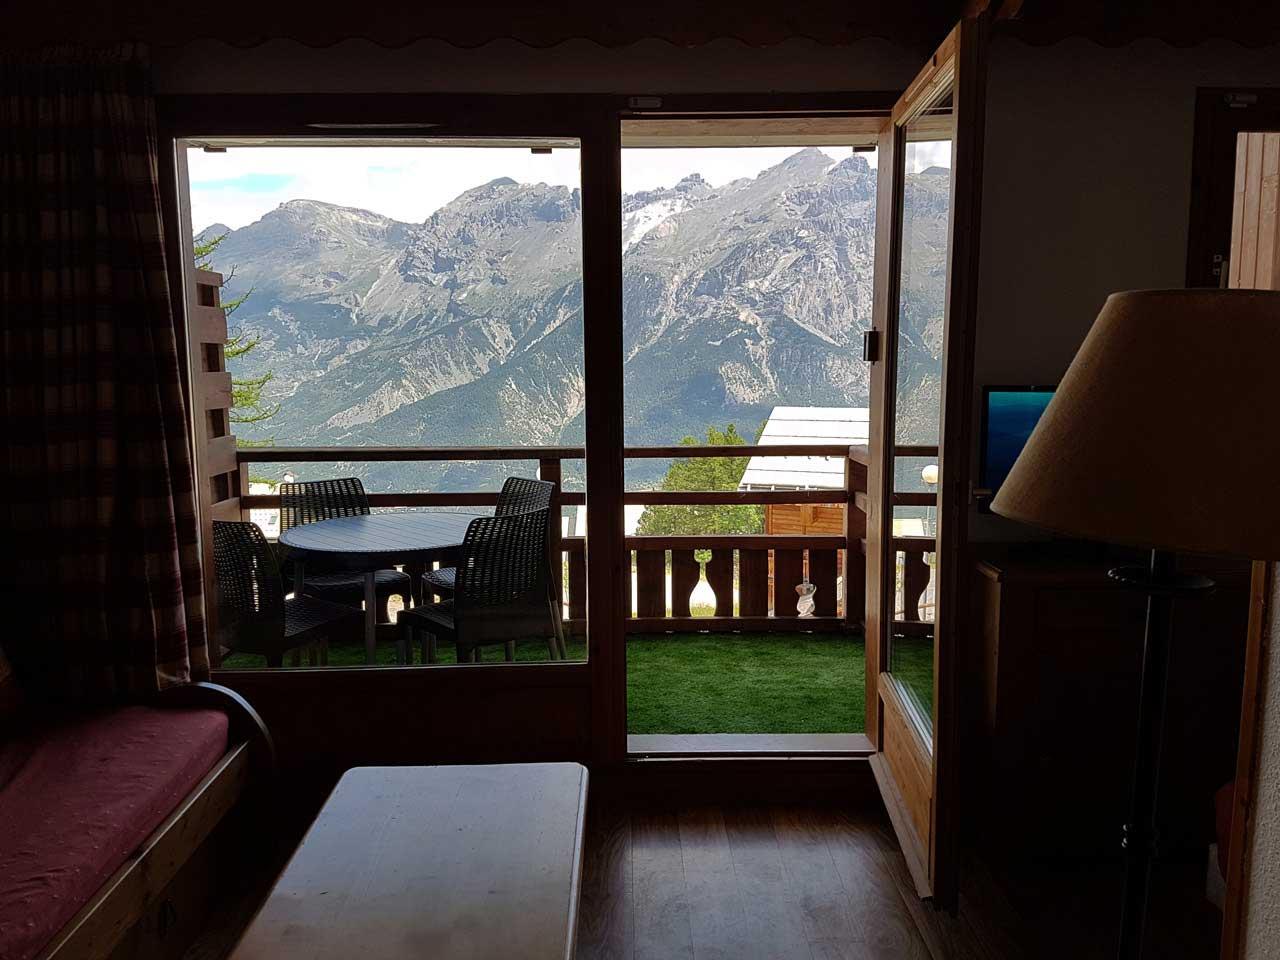 Belle vue sur la chaîne montagneuse